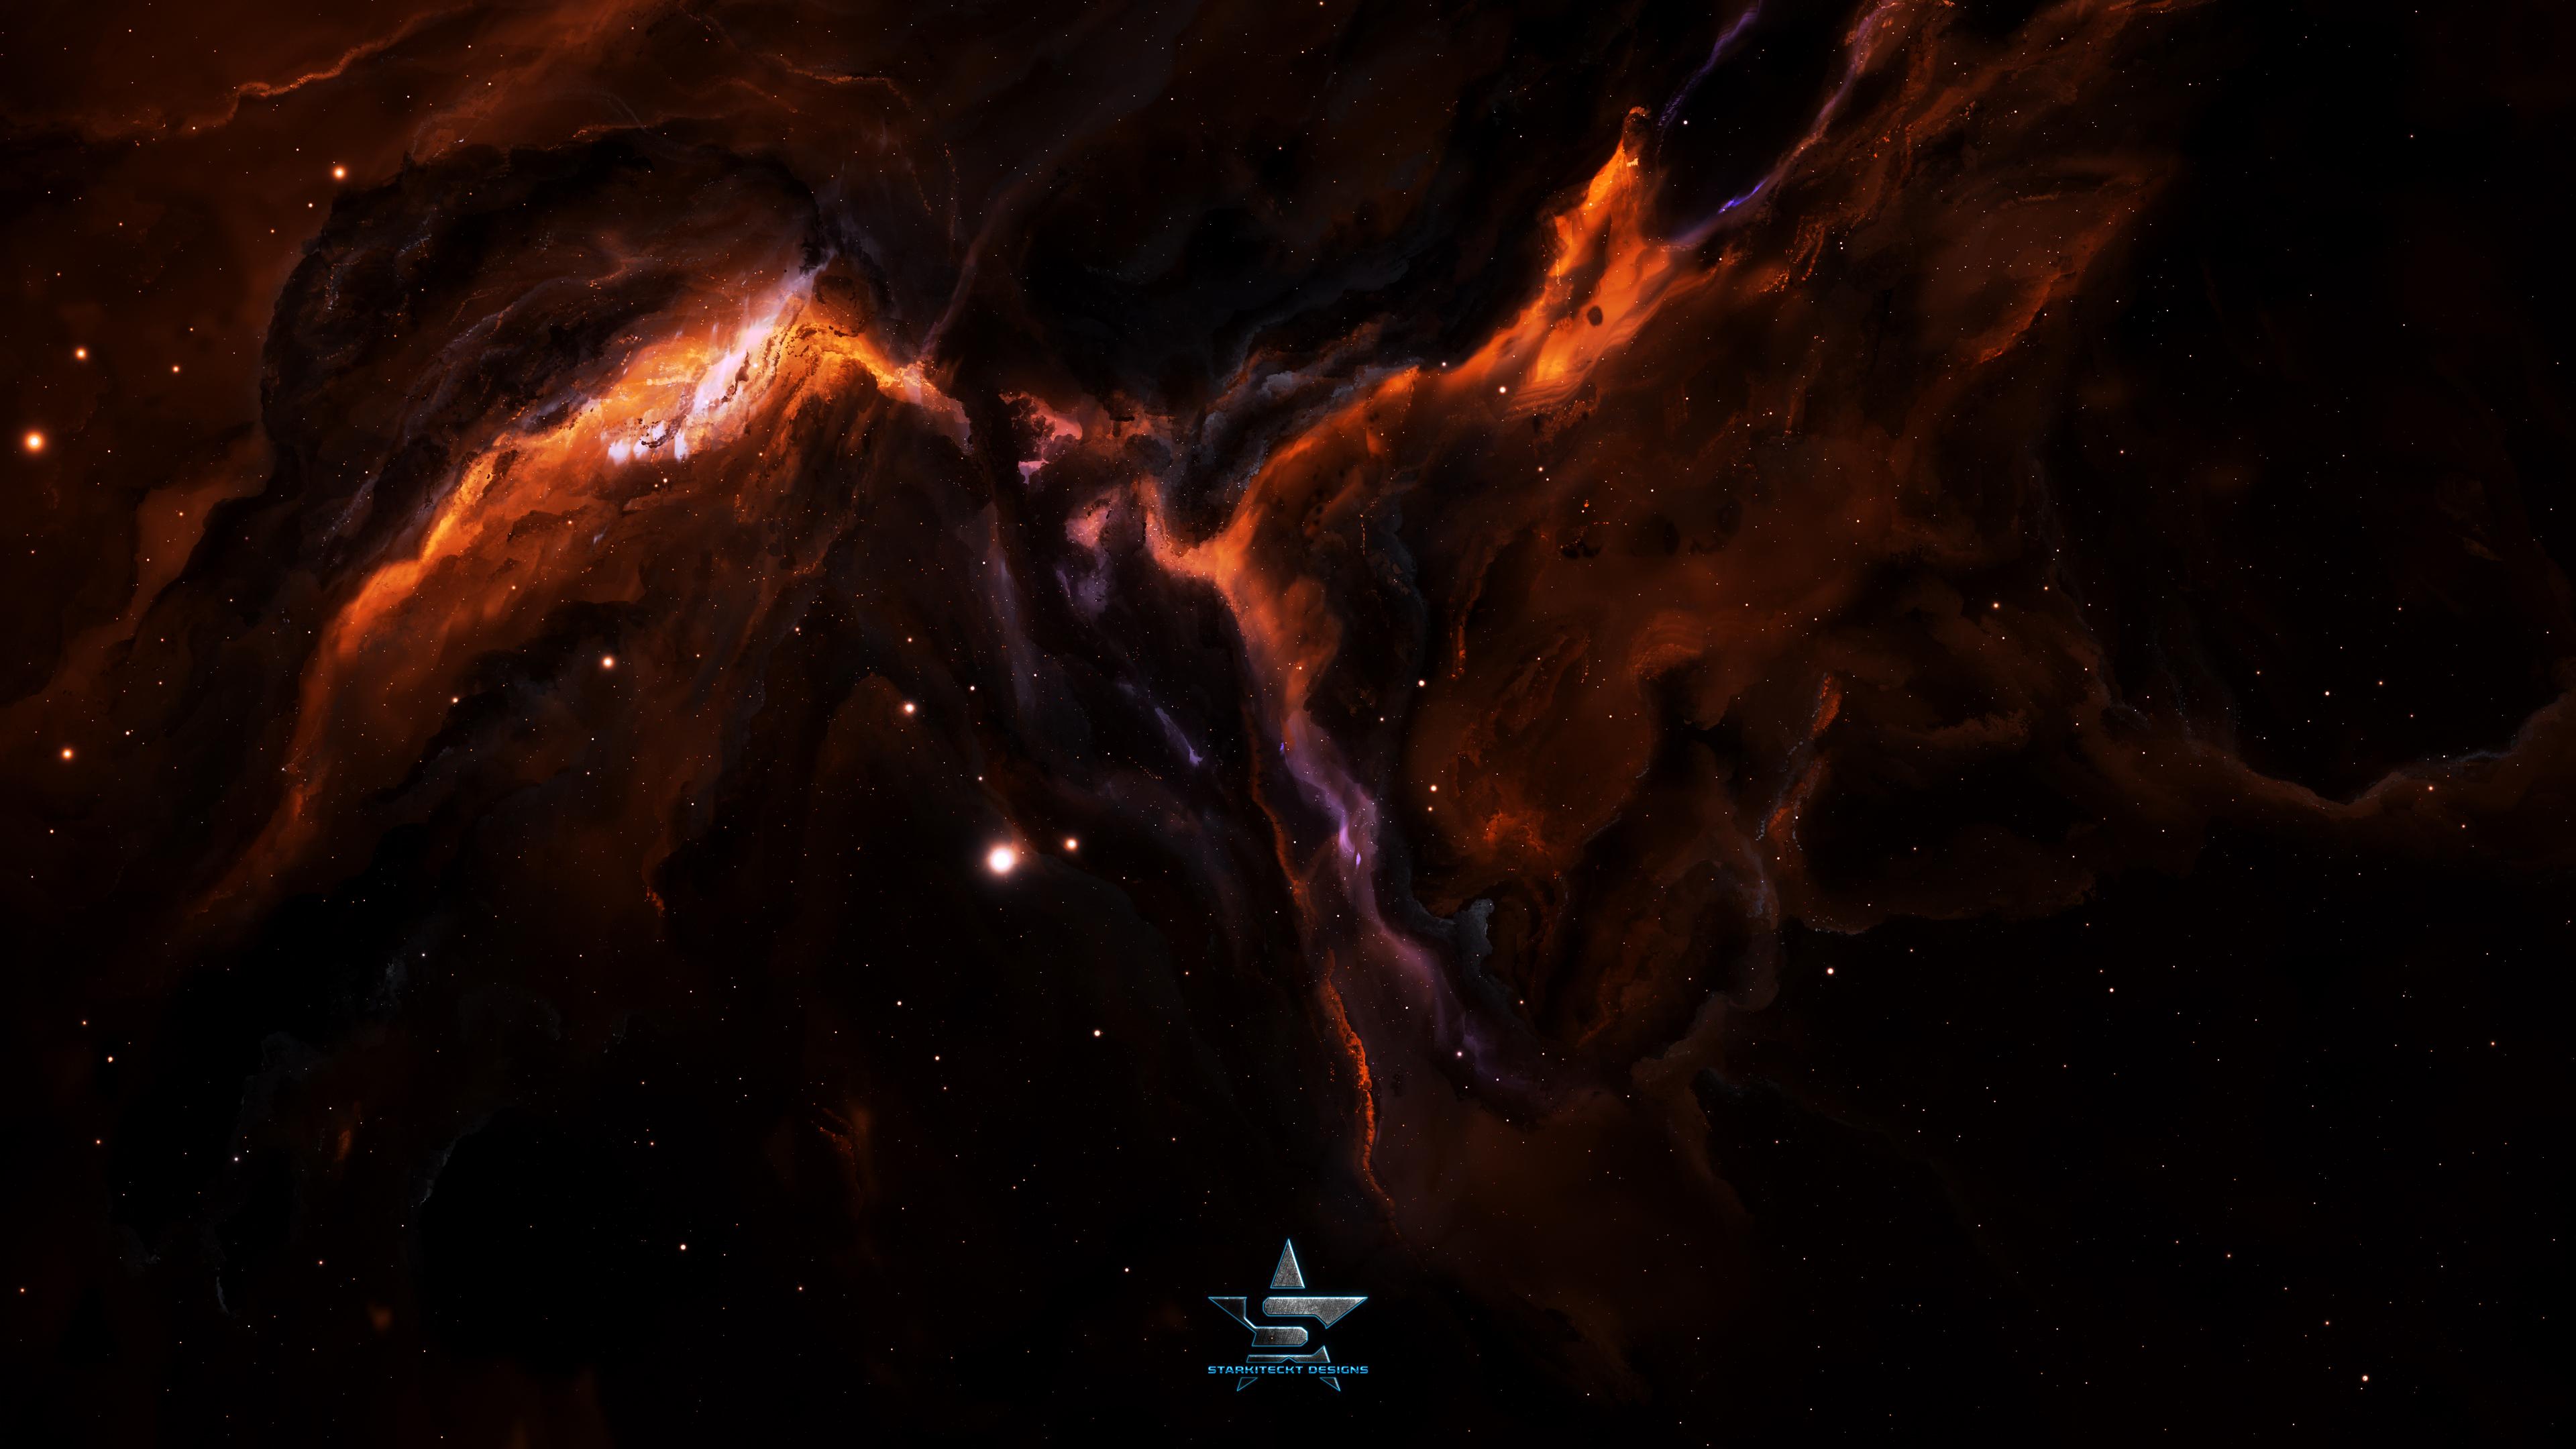 Amber Nebula